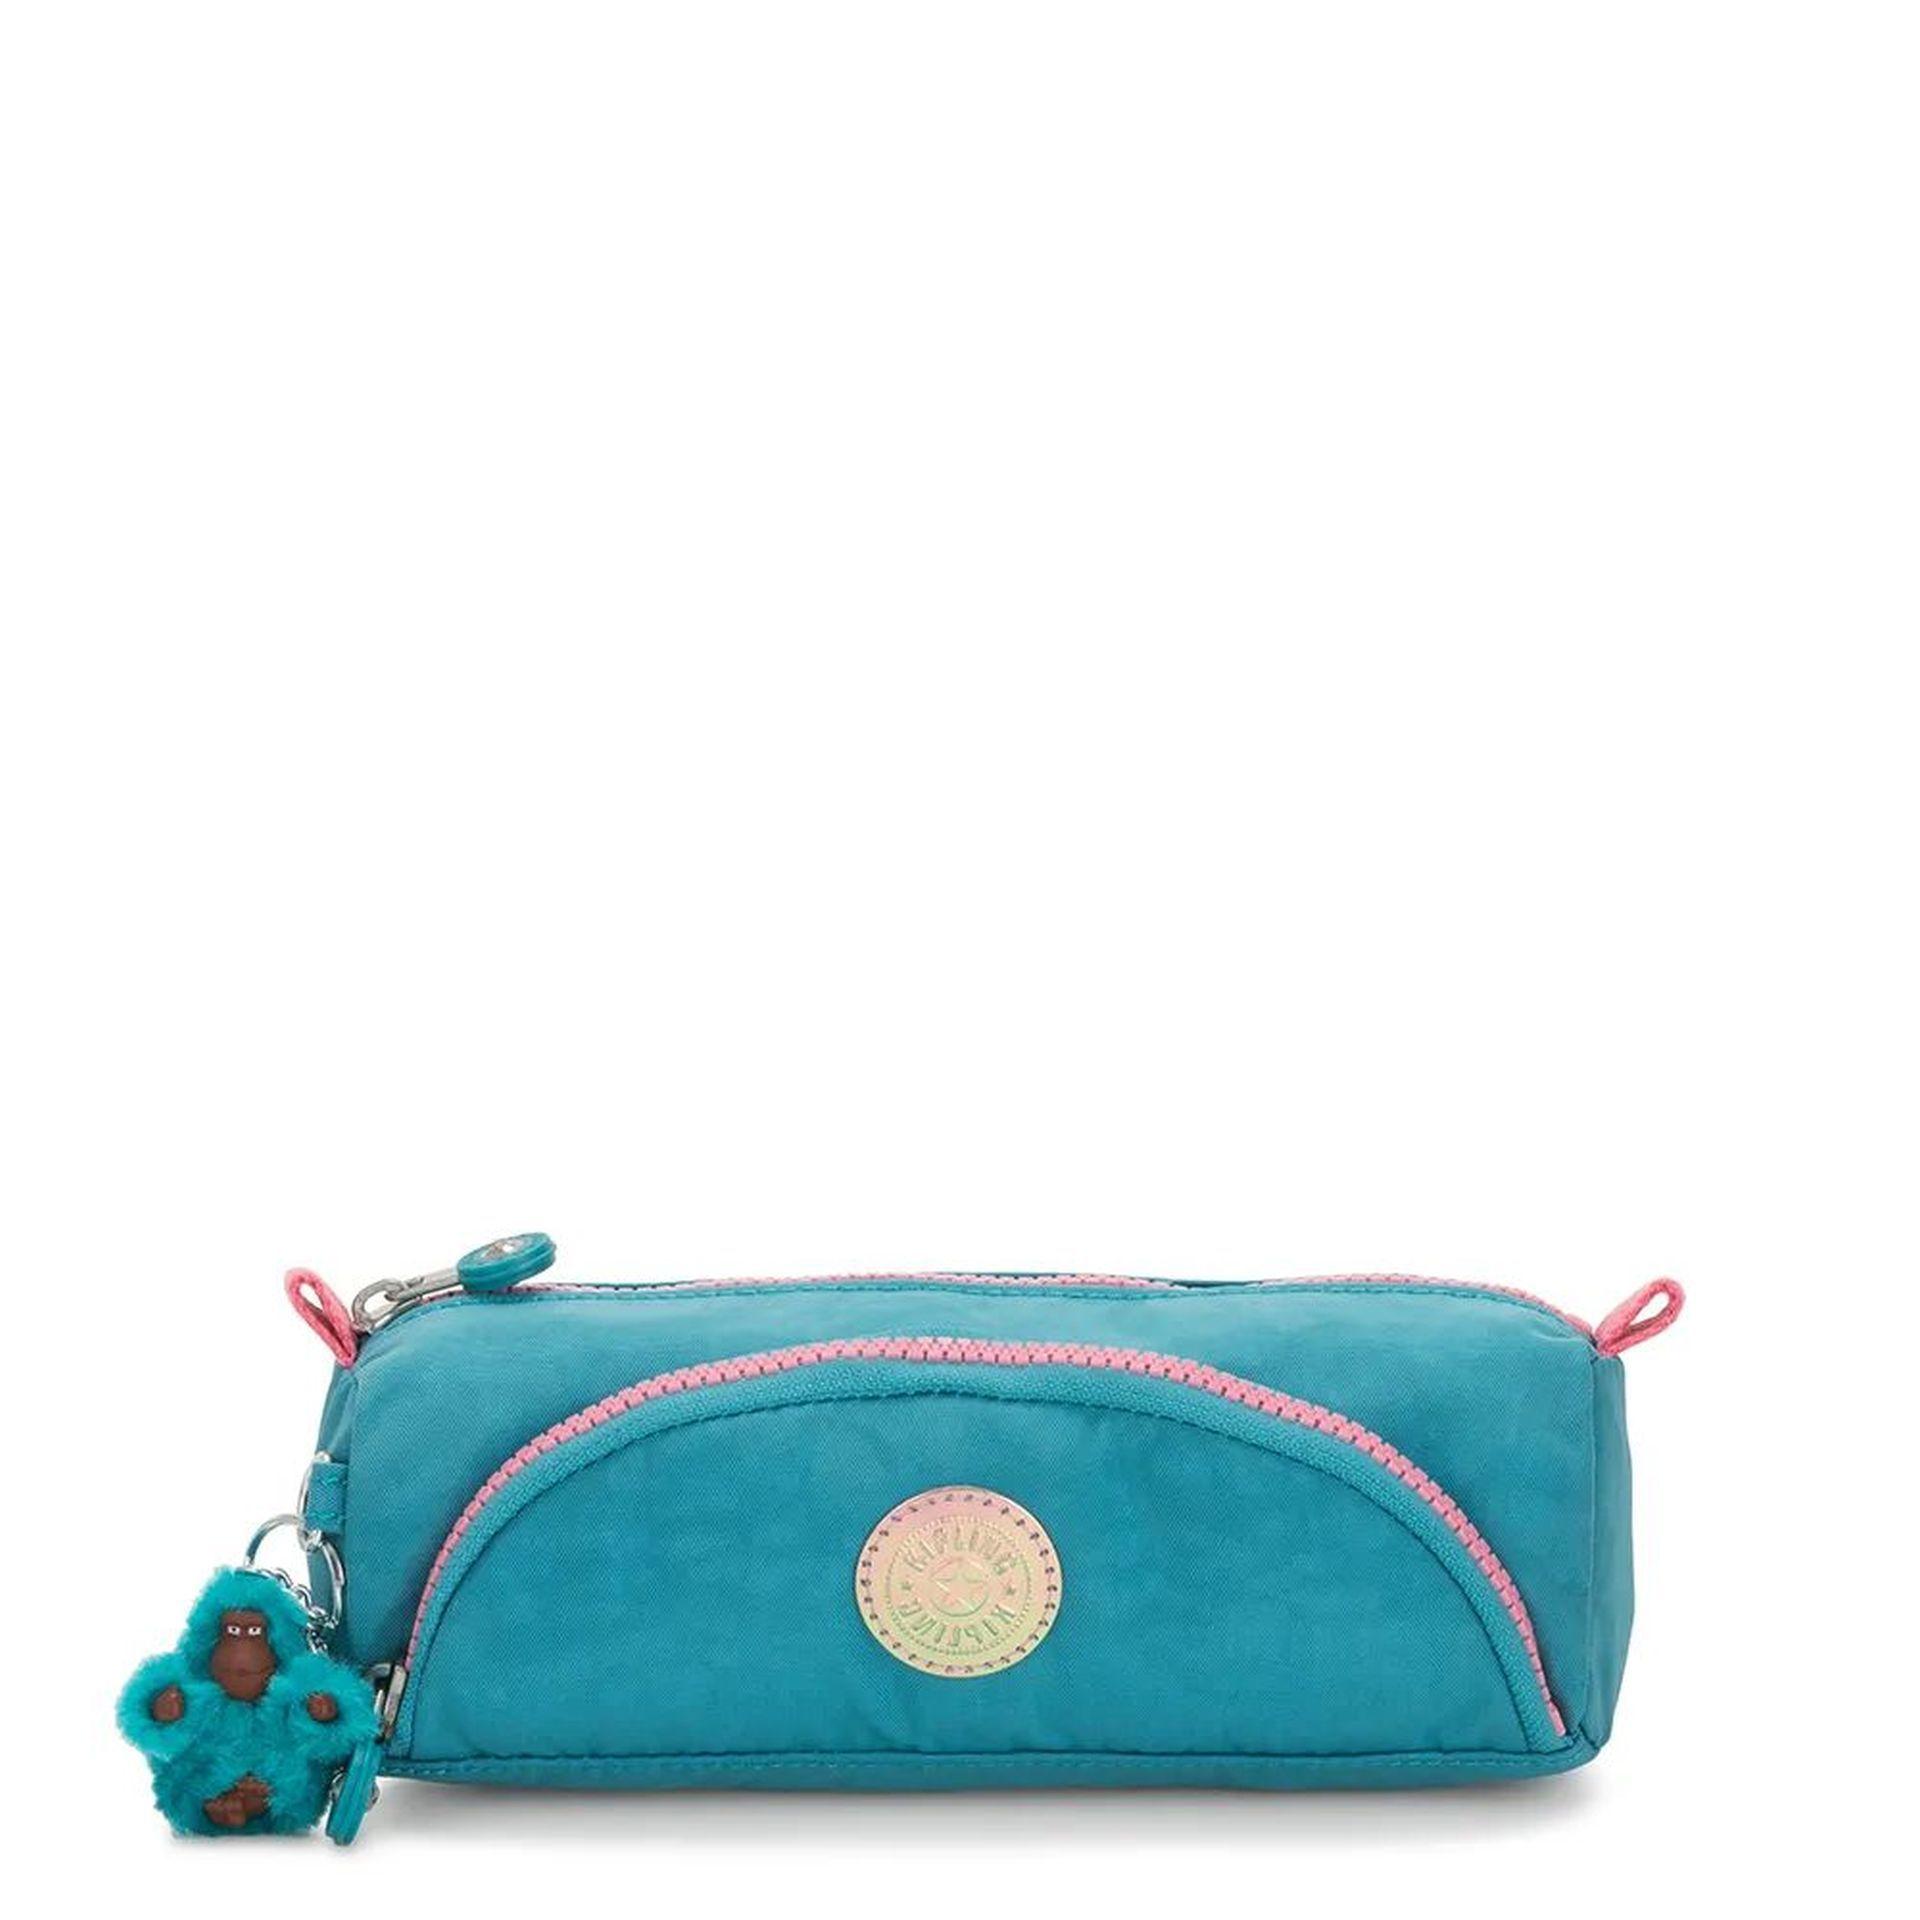 Estojo com Bolso Cute  Kipling Turquoise Sea